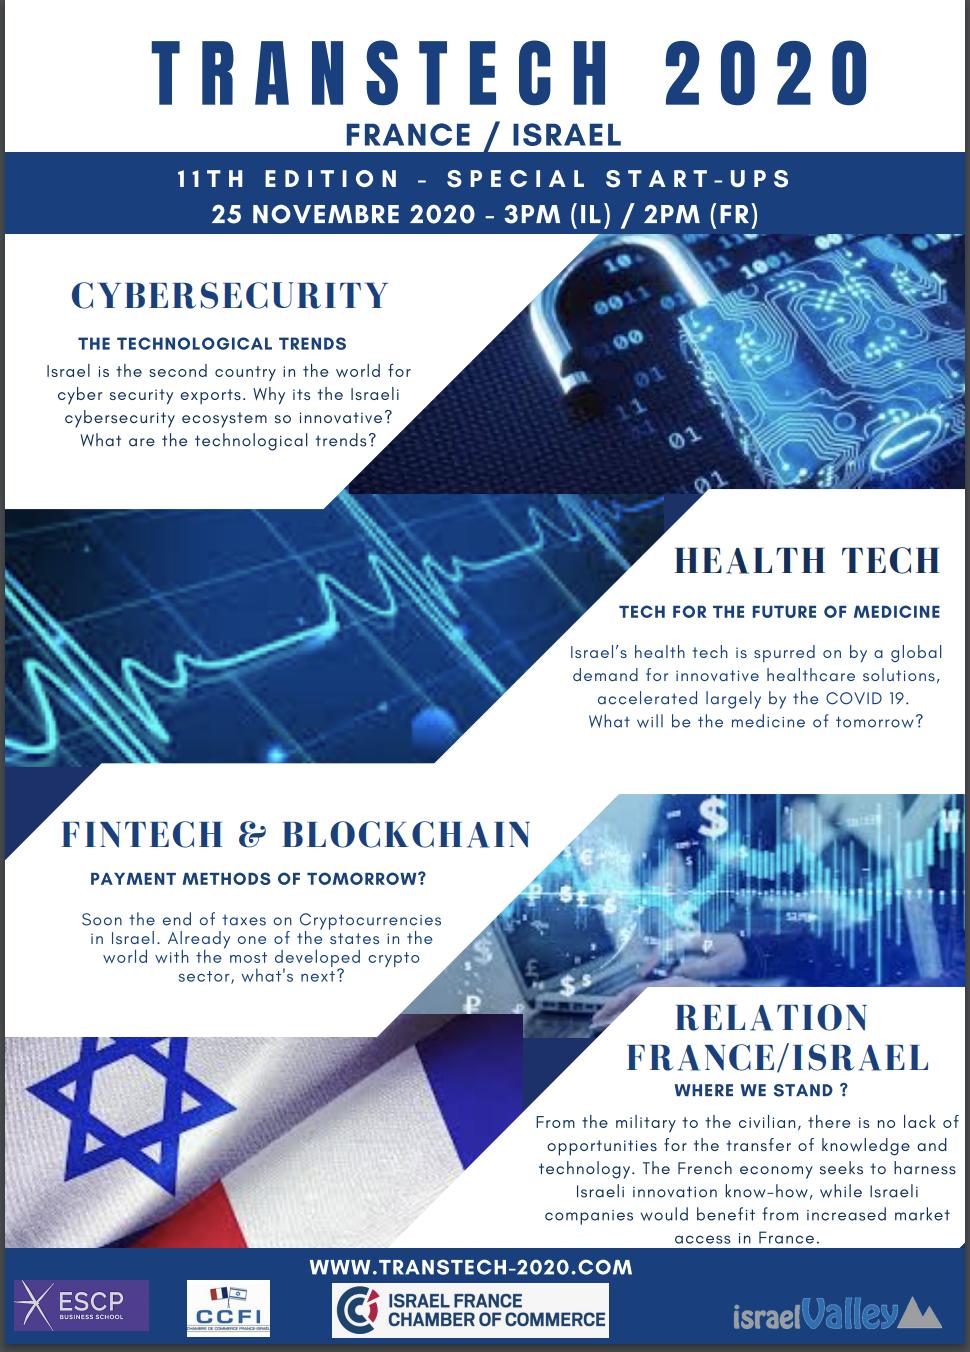 zurich,-tel-aviv,-paris-transtech-2020-qui-sont-les-40-speakers?-cciif,-ccfi,-escp.